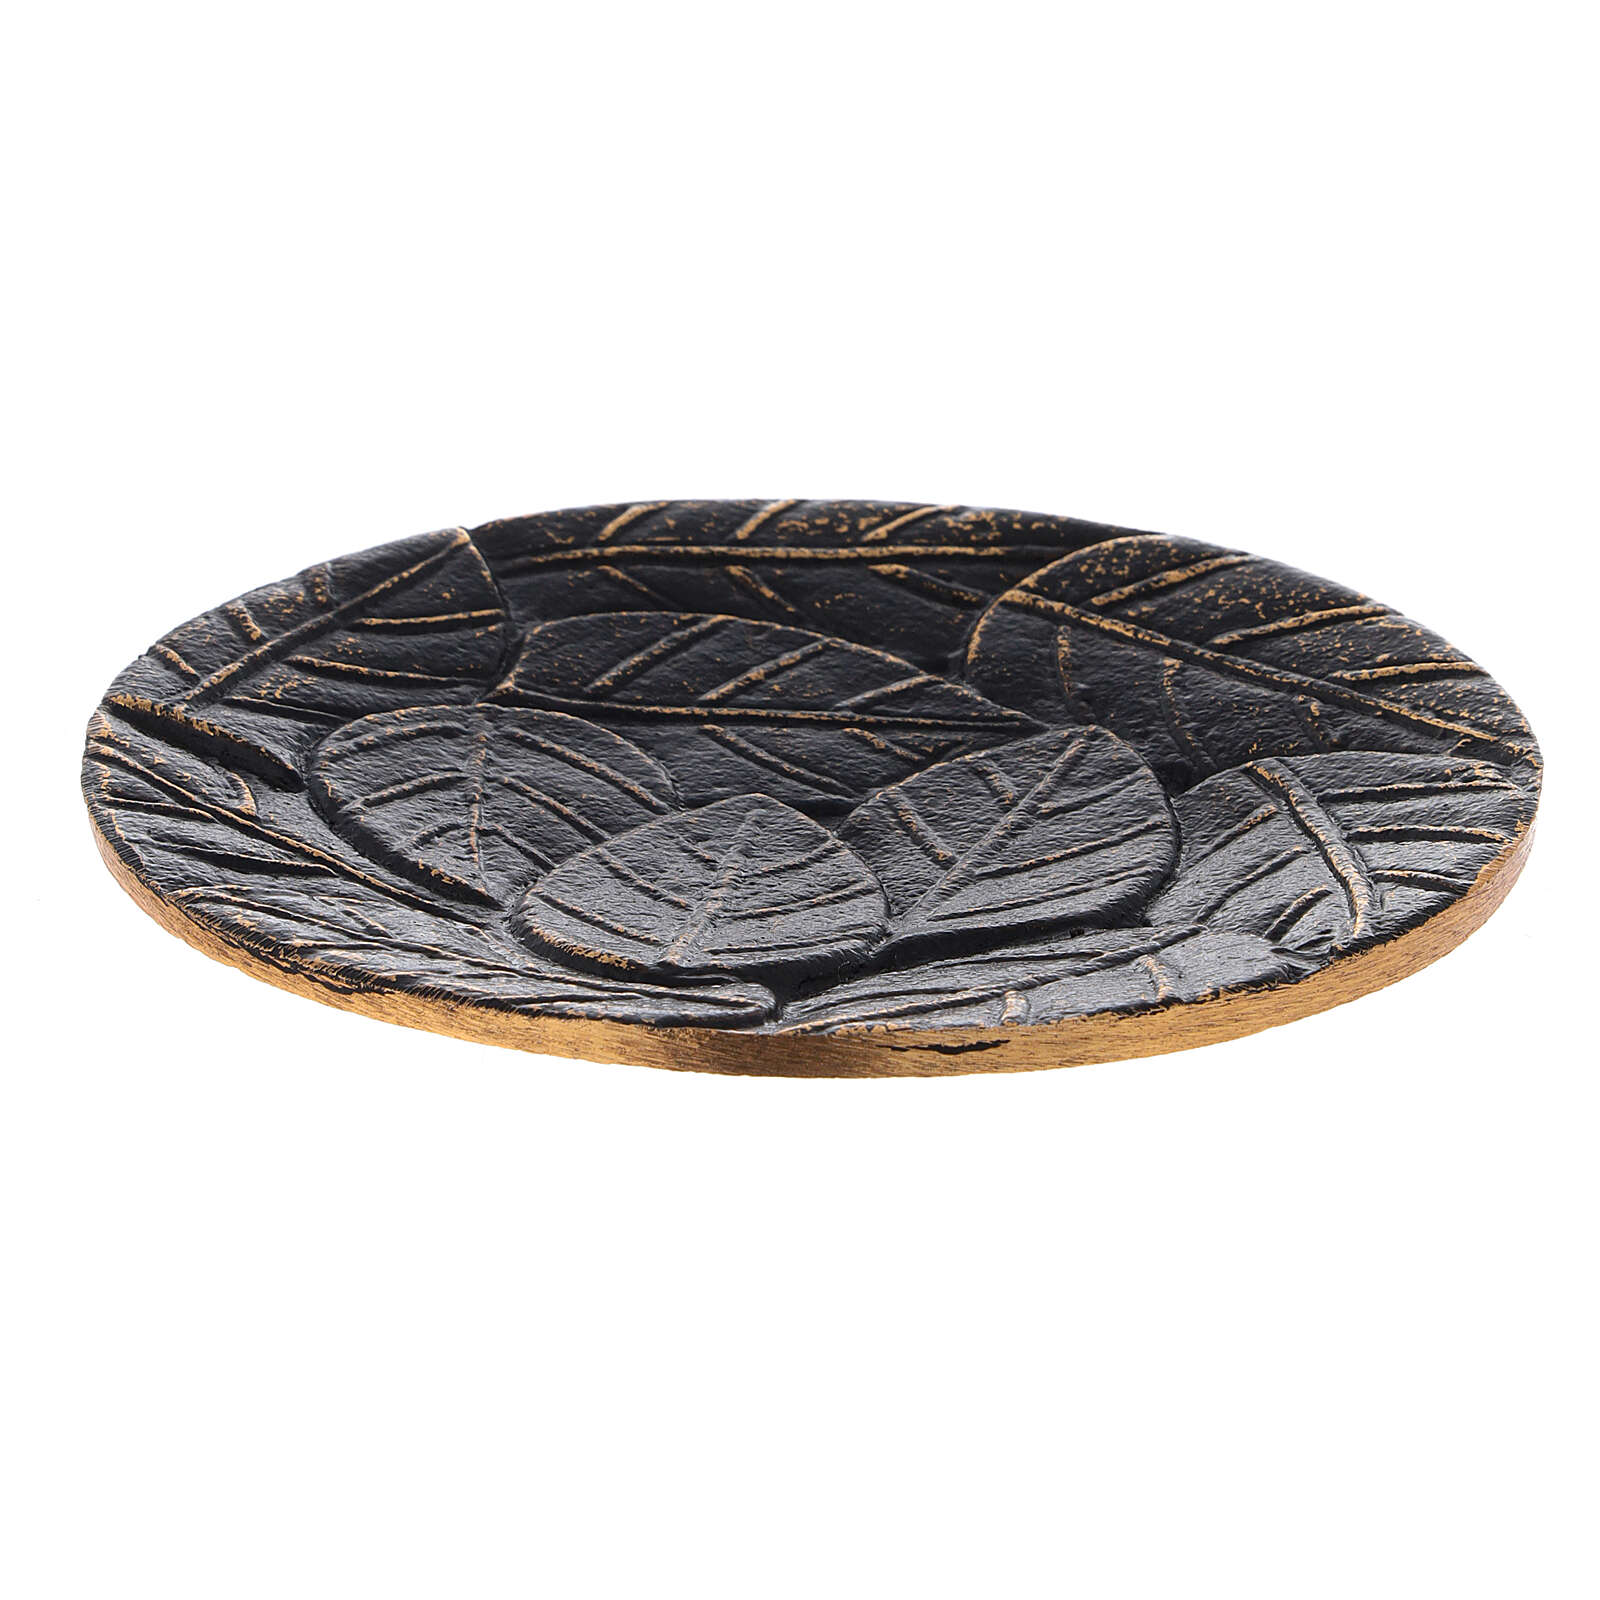 Platillo hojas incisas aluminio negro oro diámetro 14 cm 3